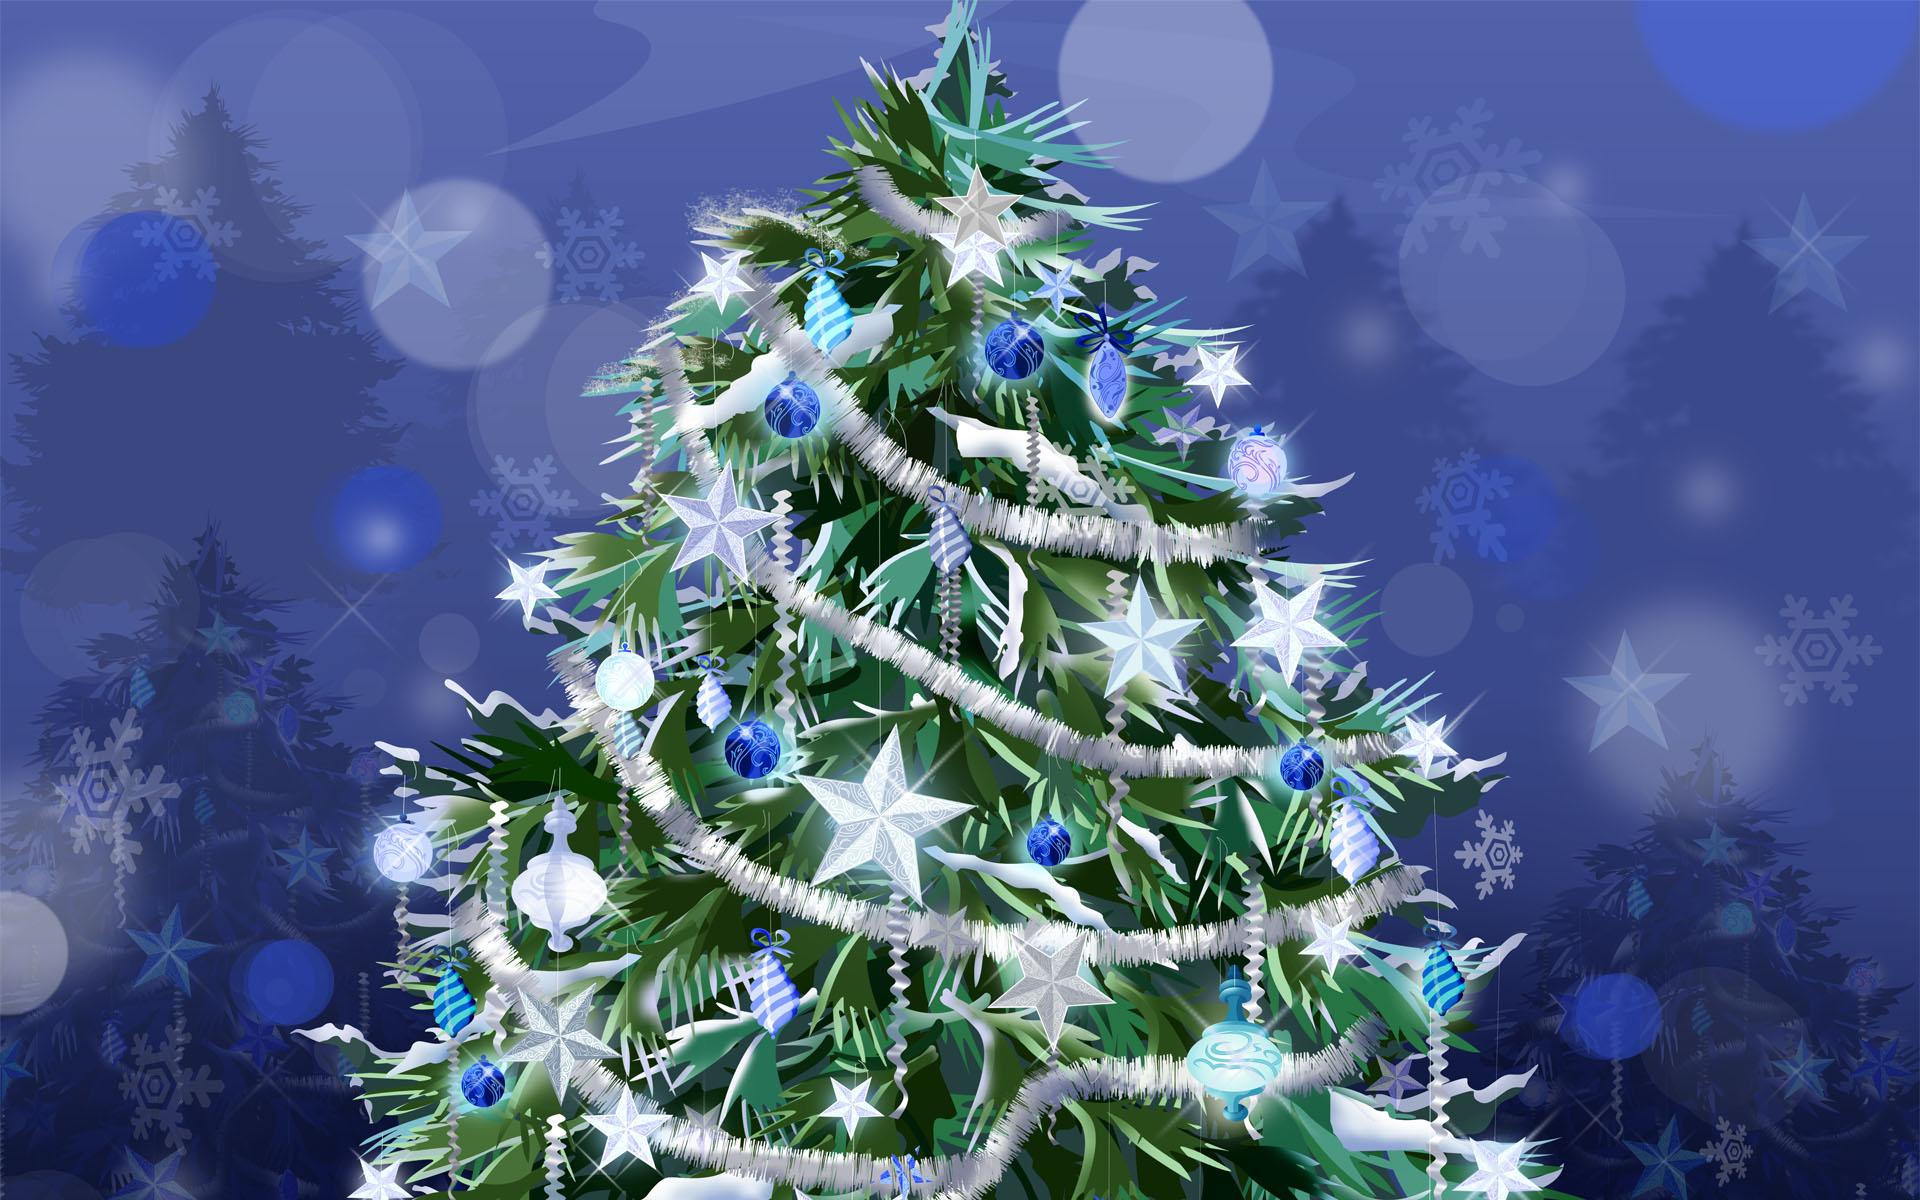 Immagini Natale Per Desktop.Sfondi Desktop Natale 2012 Per Pc Albero Di Natale Sfondi Hd Gratis